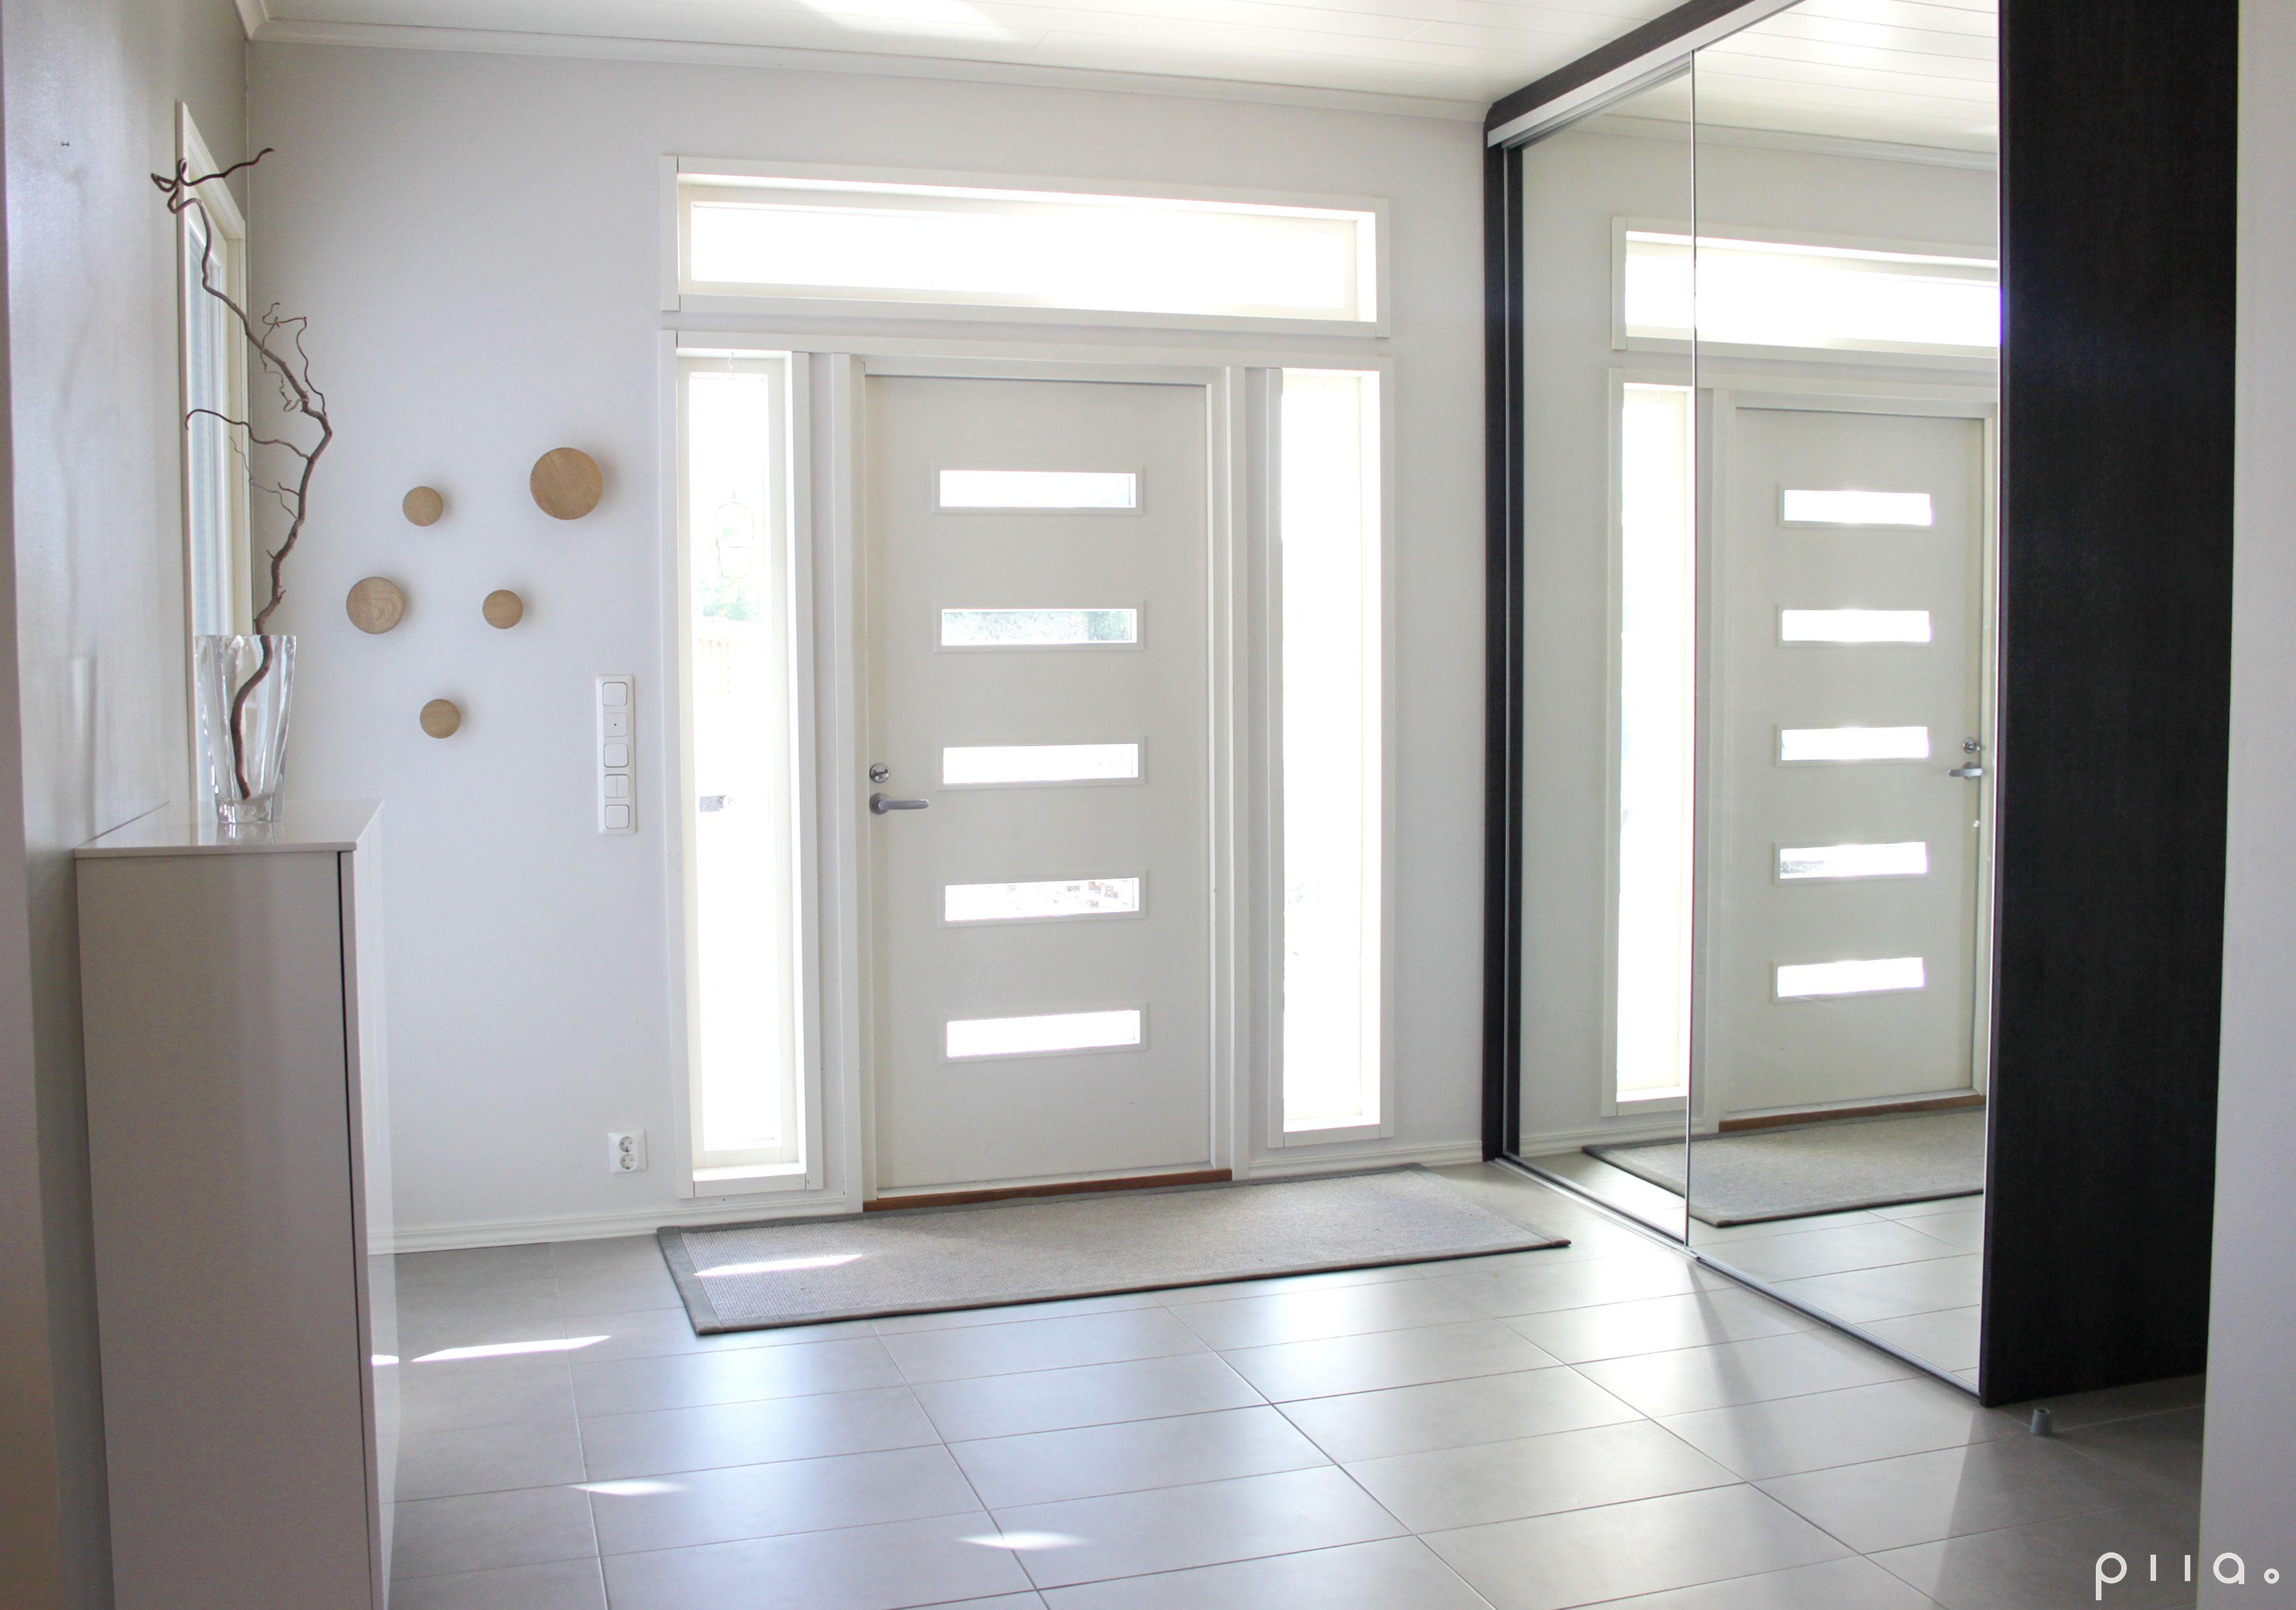 sisääntulo  Eteinen, ovi, ikkunat, säilytys heti oven vieressä, avara, valoi